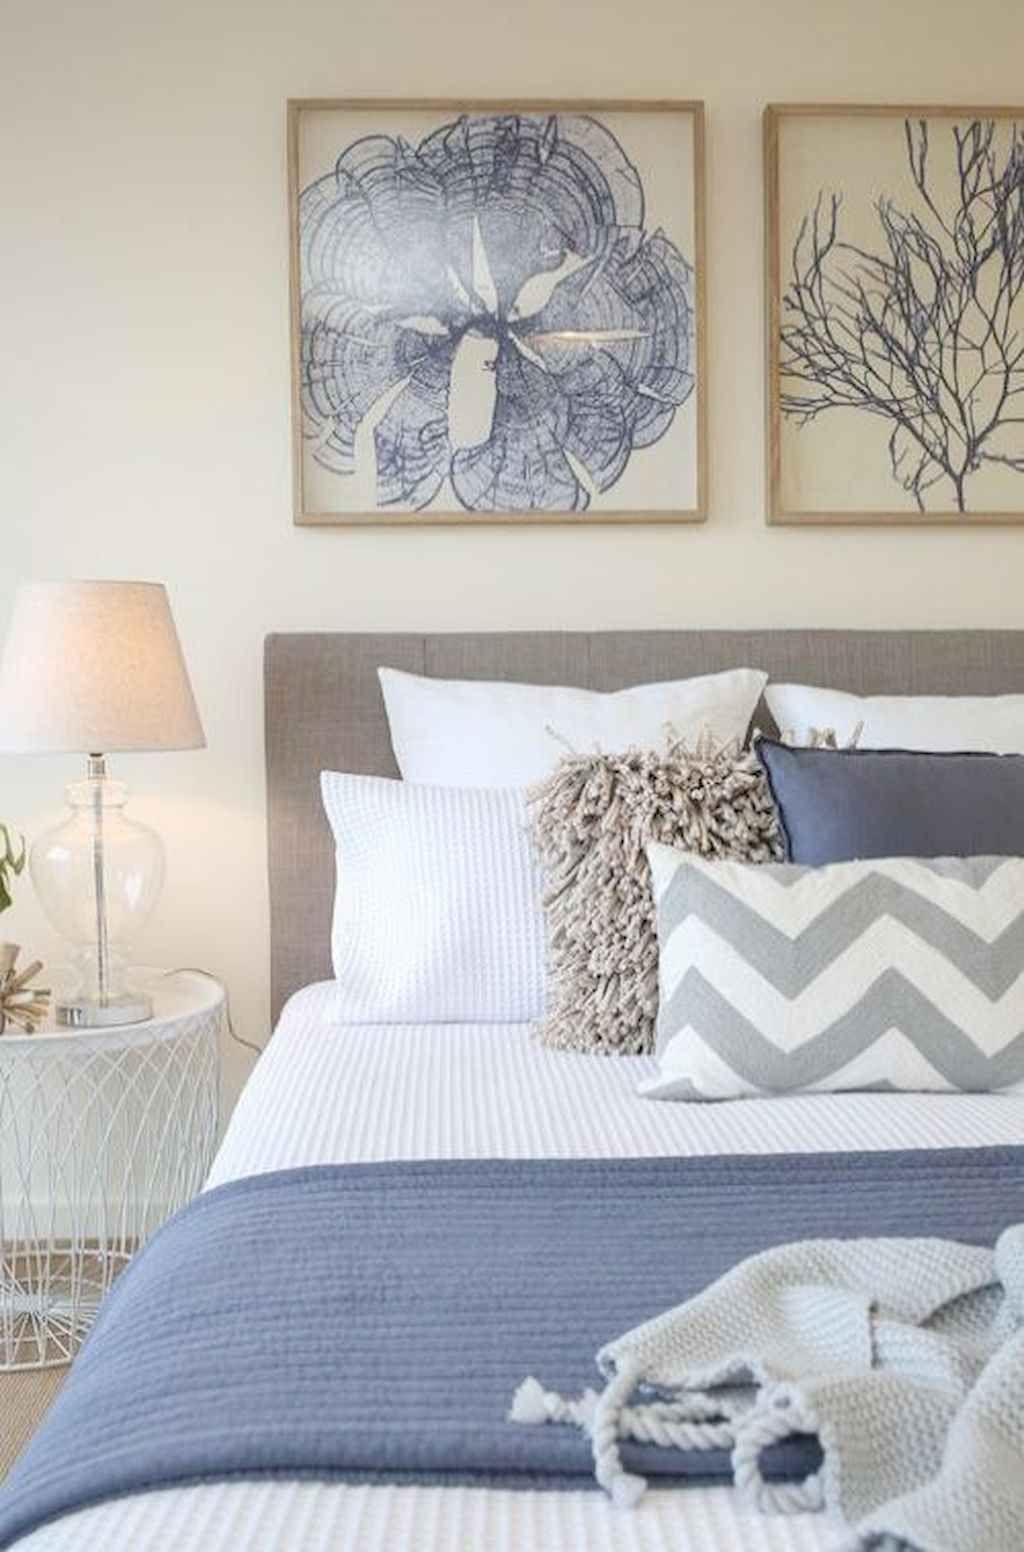 60 Rustic Coastal Master Bedroom Ideas Decoracao De Casa Decoracao De Quarto Ideias De Decoracao